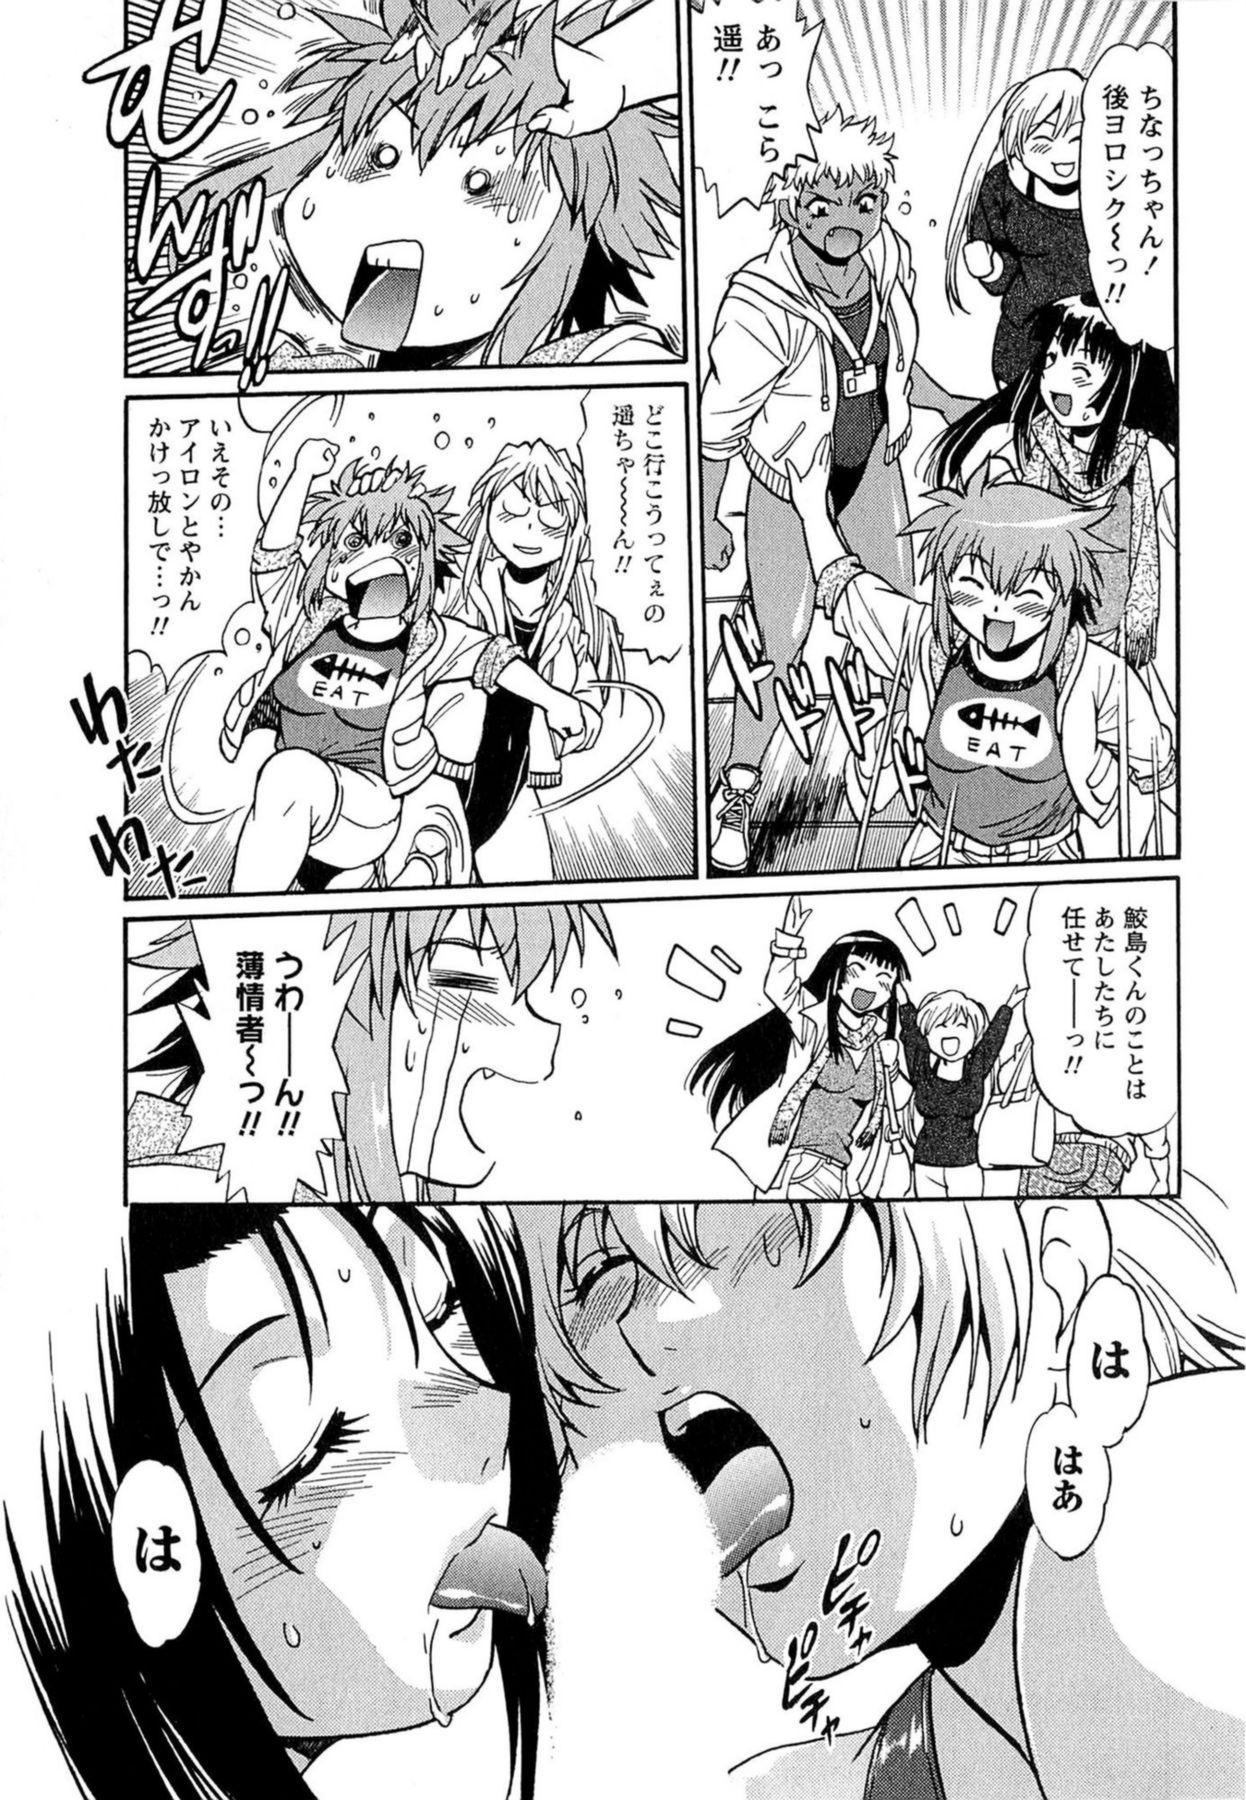 Kuikomi wo Naoshiteru Hima wa Nai! Vol. 1 131